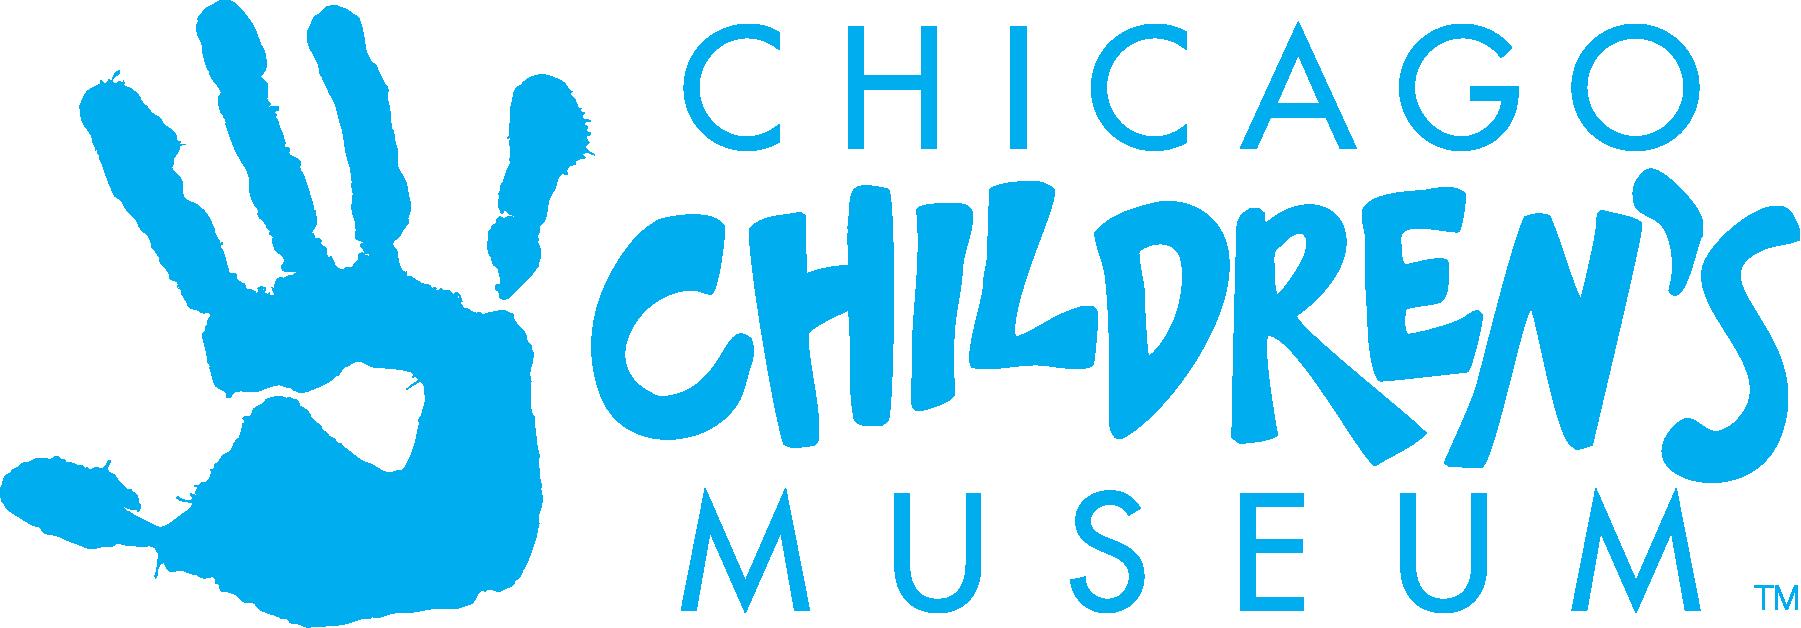 Explore Chicago Children